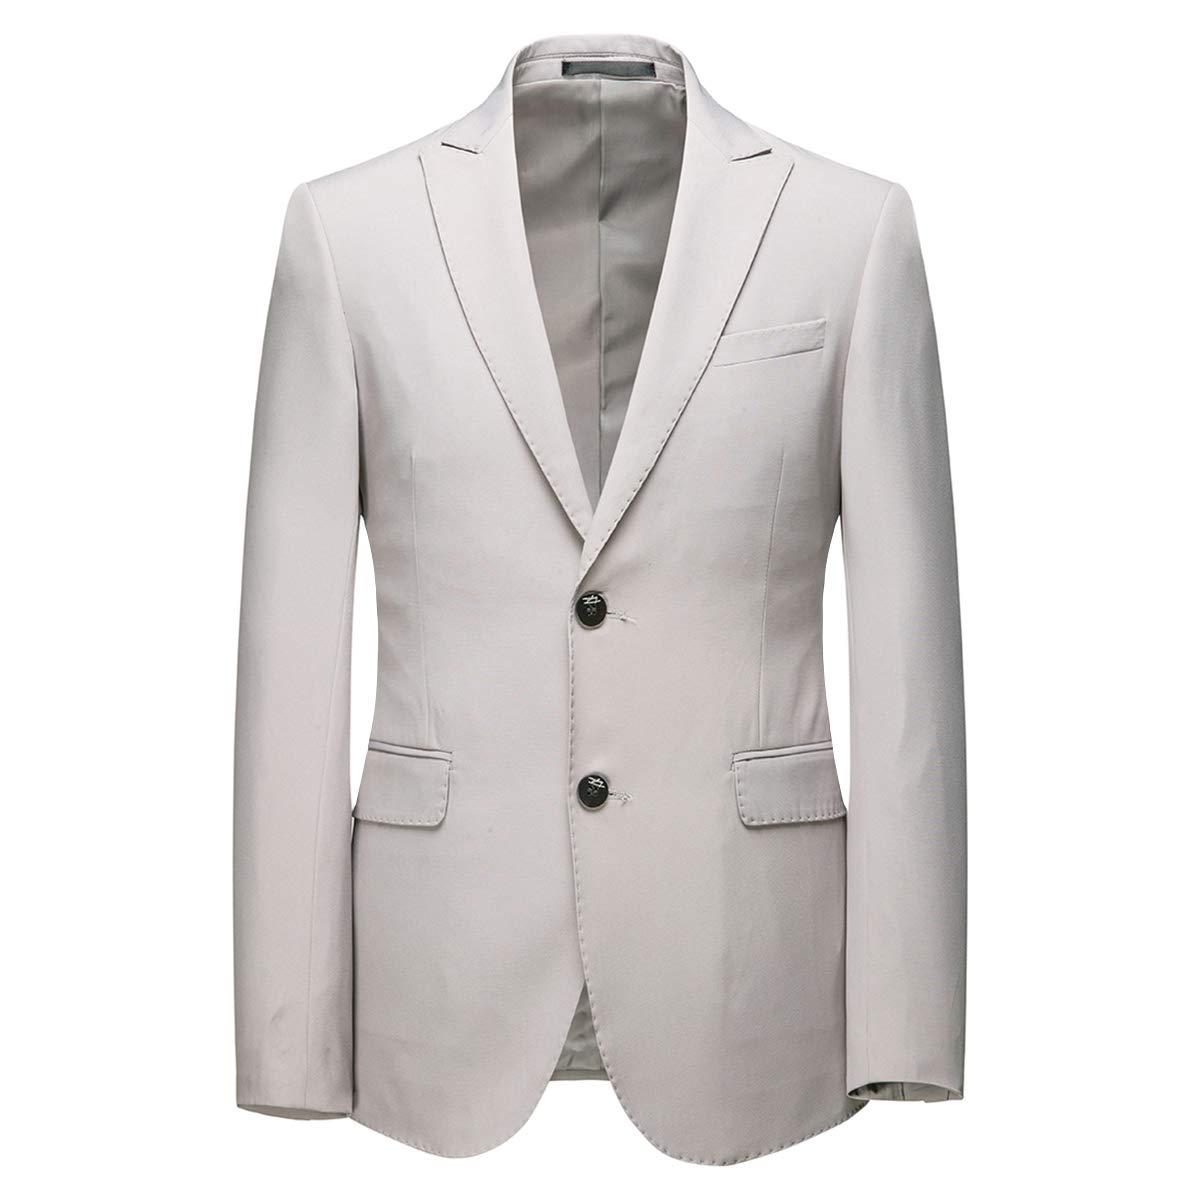 AOWOFS Herren 2 Teilig Slim Fit Anzug Elegant Zwei Knopf Smoking f/ür Business Hochzeit